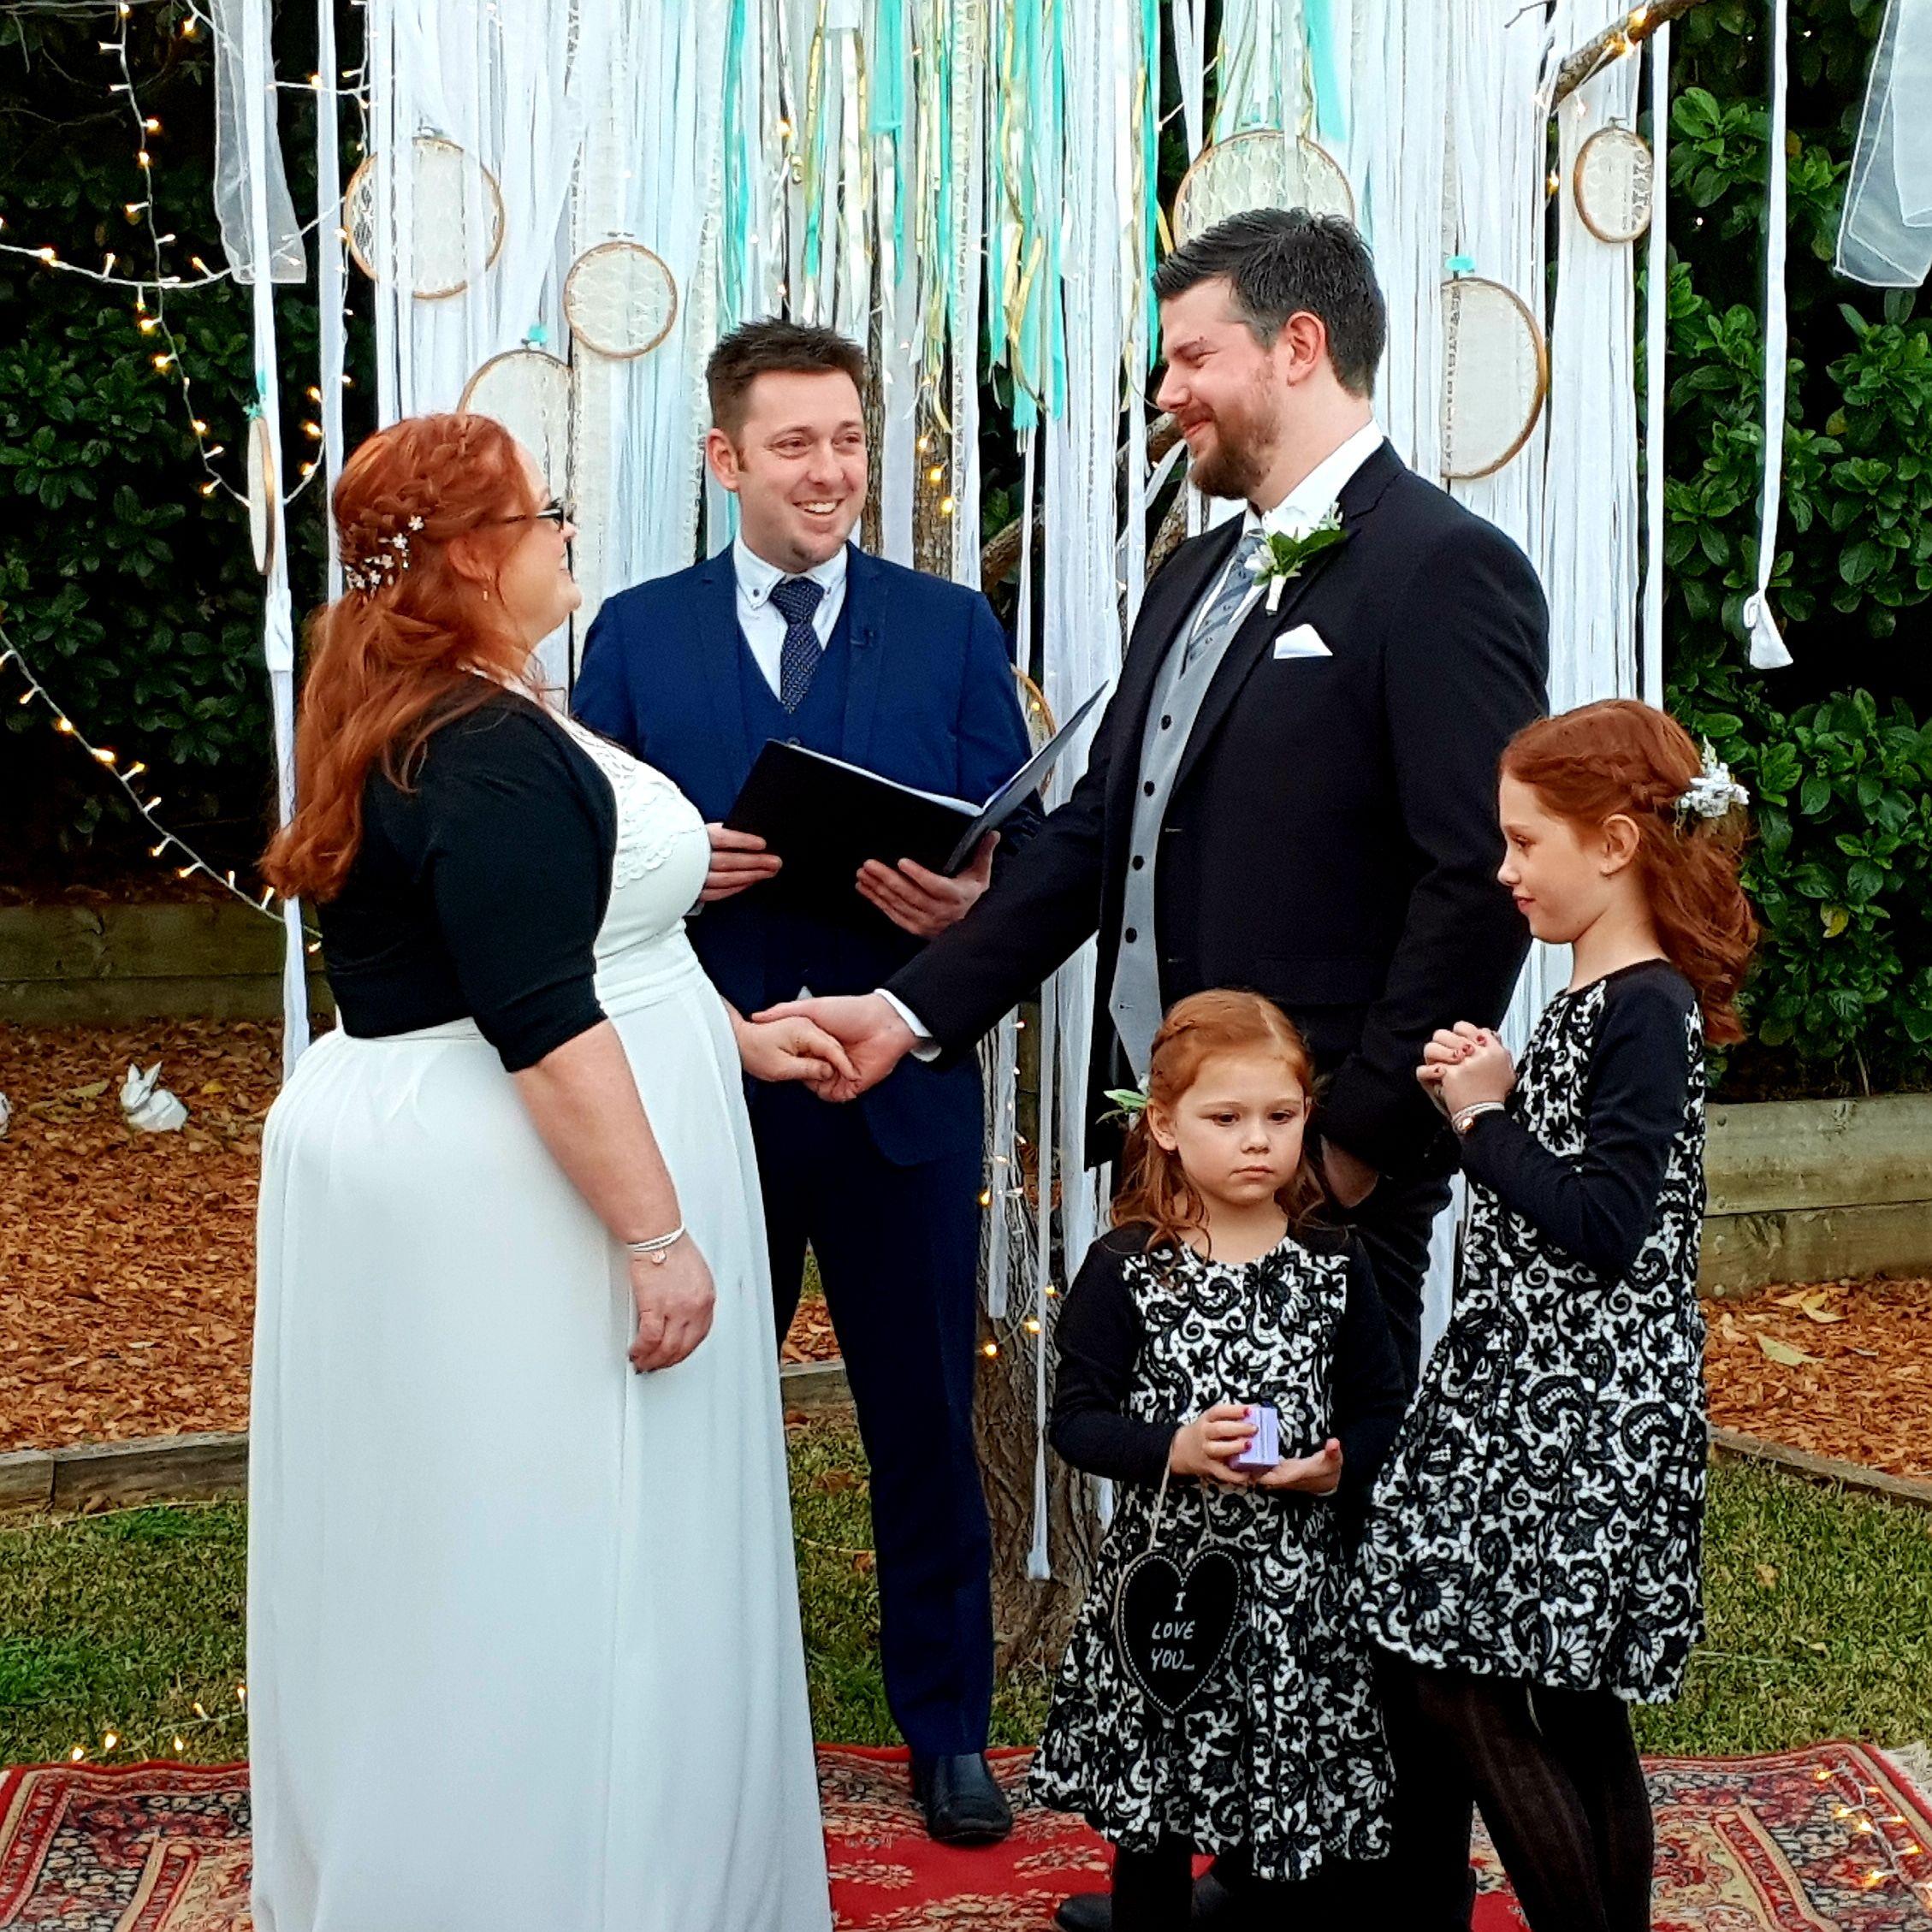 Wedding Ceremony, Customised Ceremony, Geek wedding, Geek wedding ceremony, nerd ceremony, Geeky Celebrant, Male Celebrant, Sydney Celebrant, Sydney Marriage Celebrant